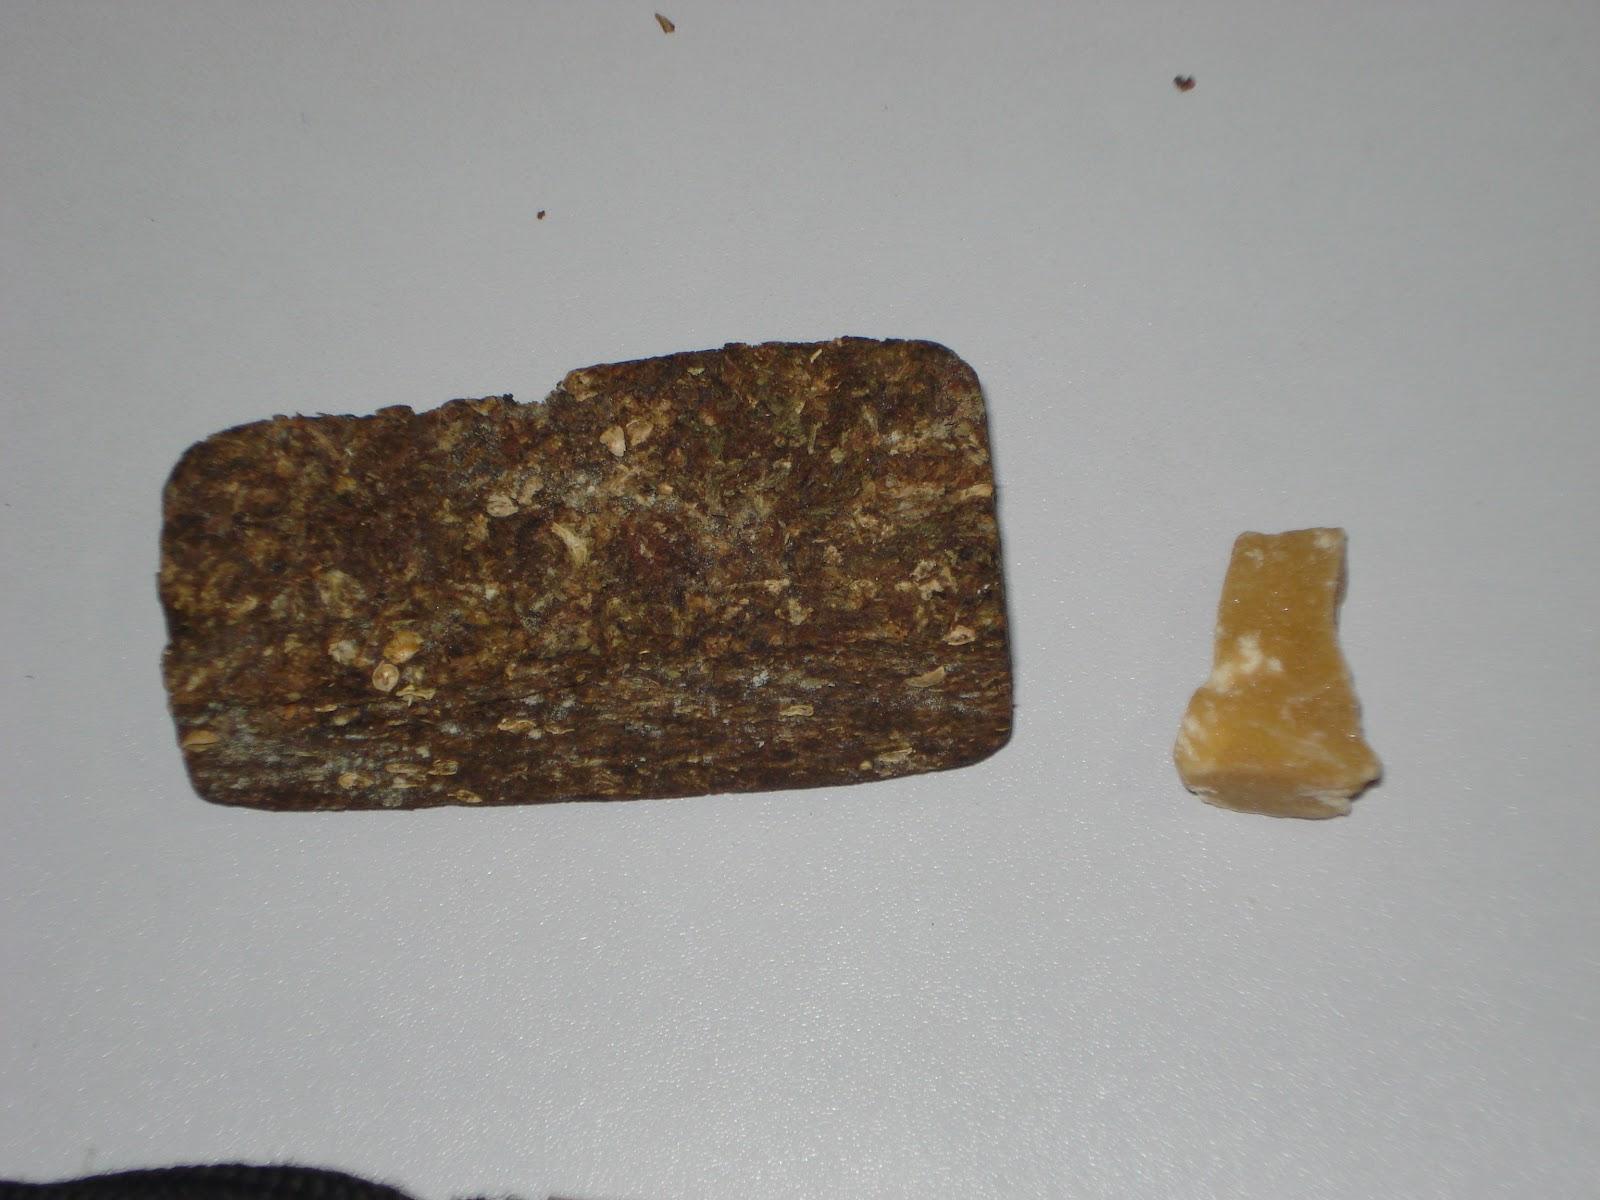 Resultado de imagem para maconha e pedras de crack crack